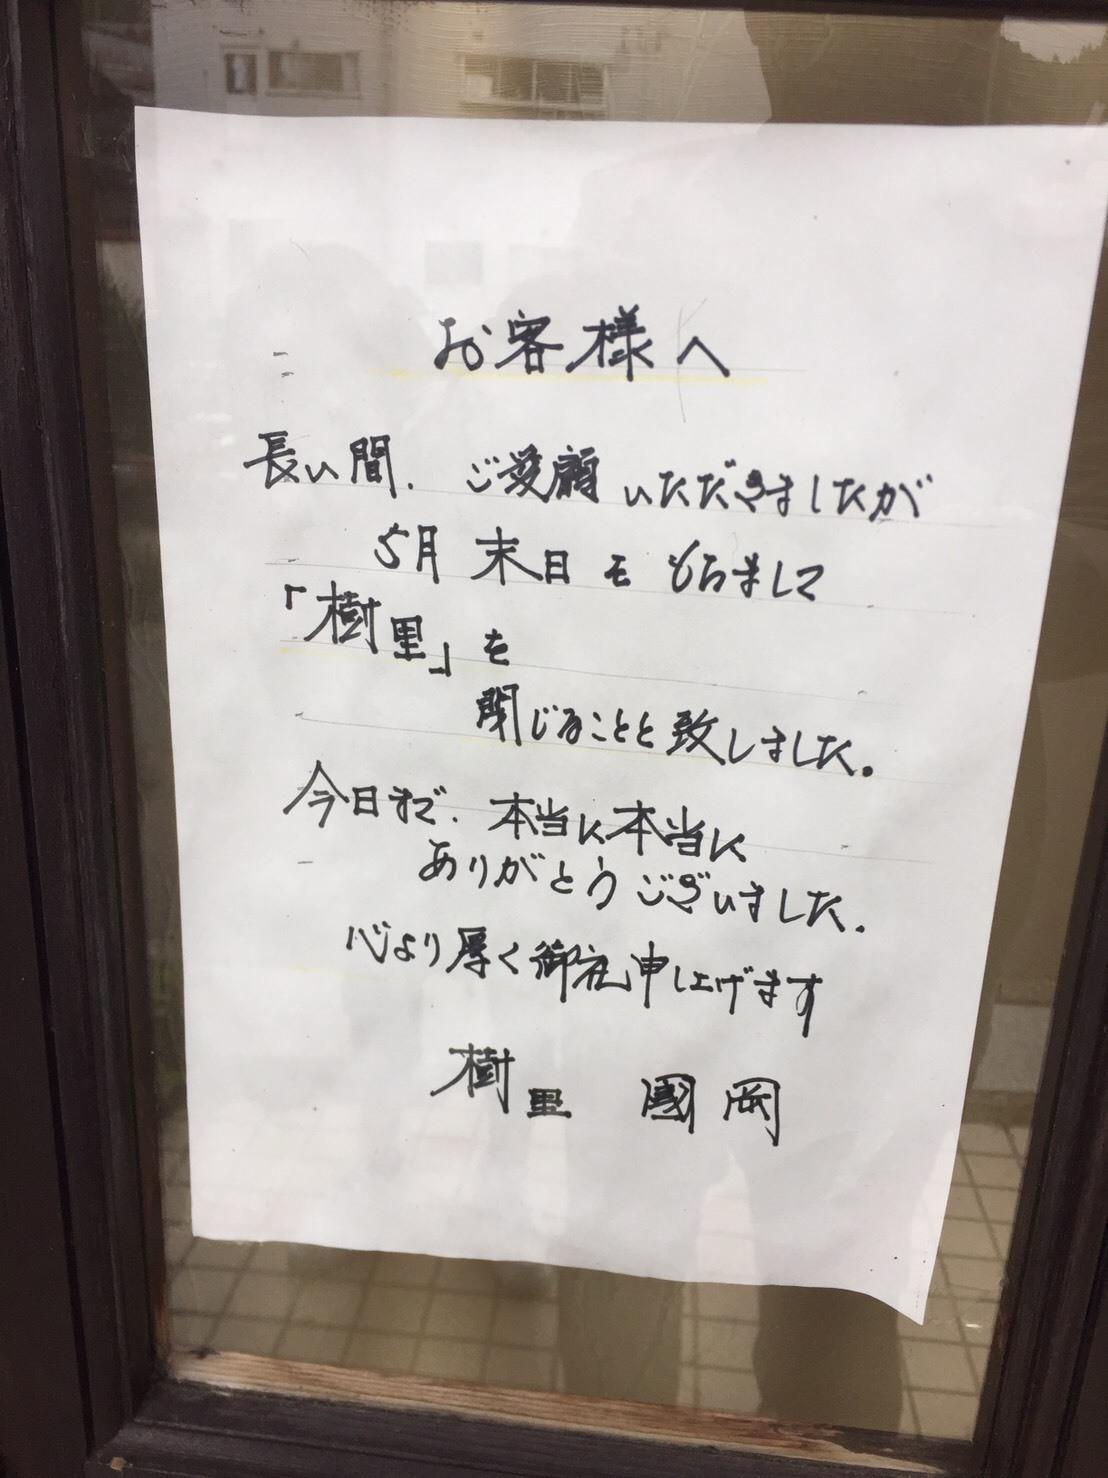 食事処 塩屋出店 たけよし & 喫茶樹里 閉店_e0115904_11345134.jpg